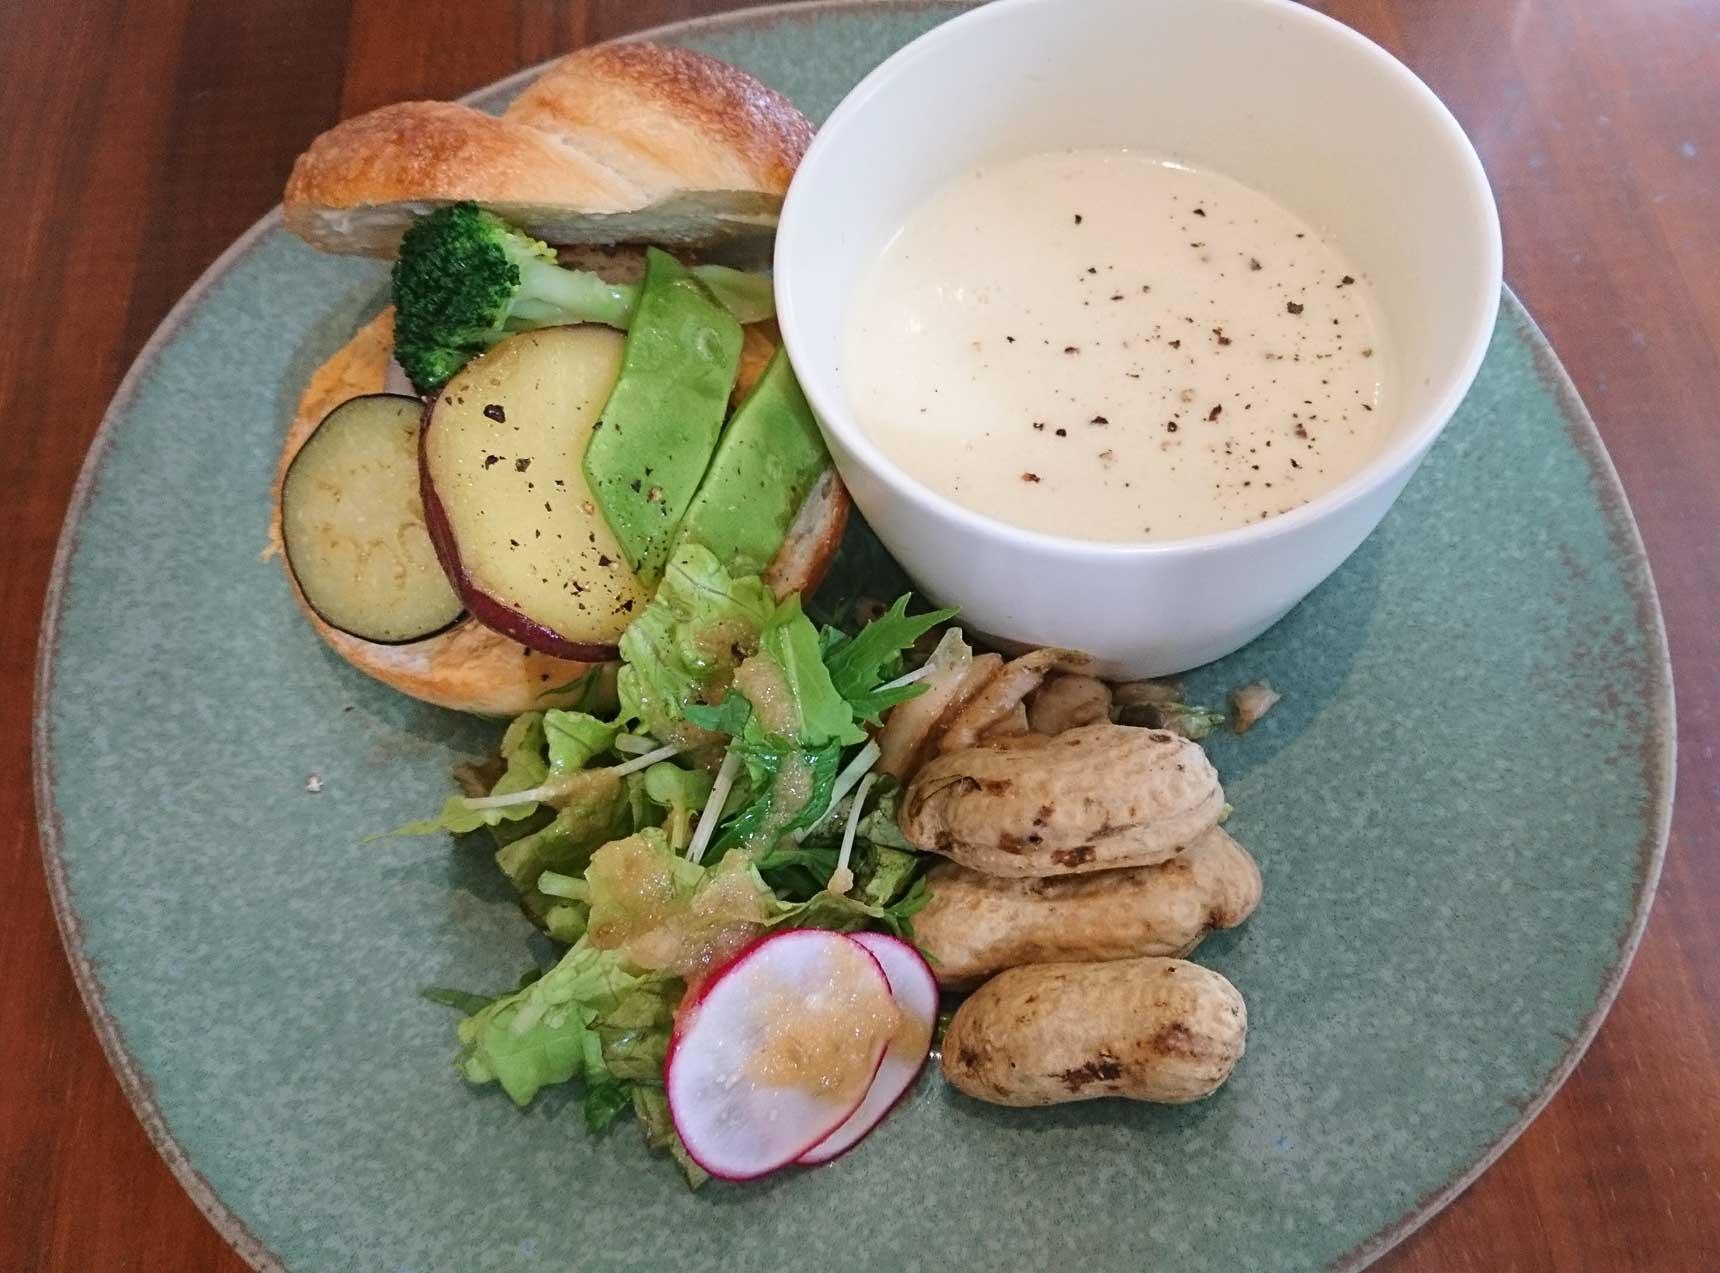 蒸し野菜をサンドしたベーグルに、ポタージュ、そしてサラダがついたランチセット。